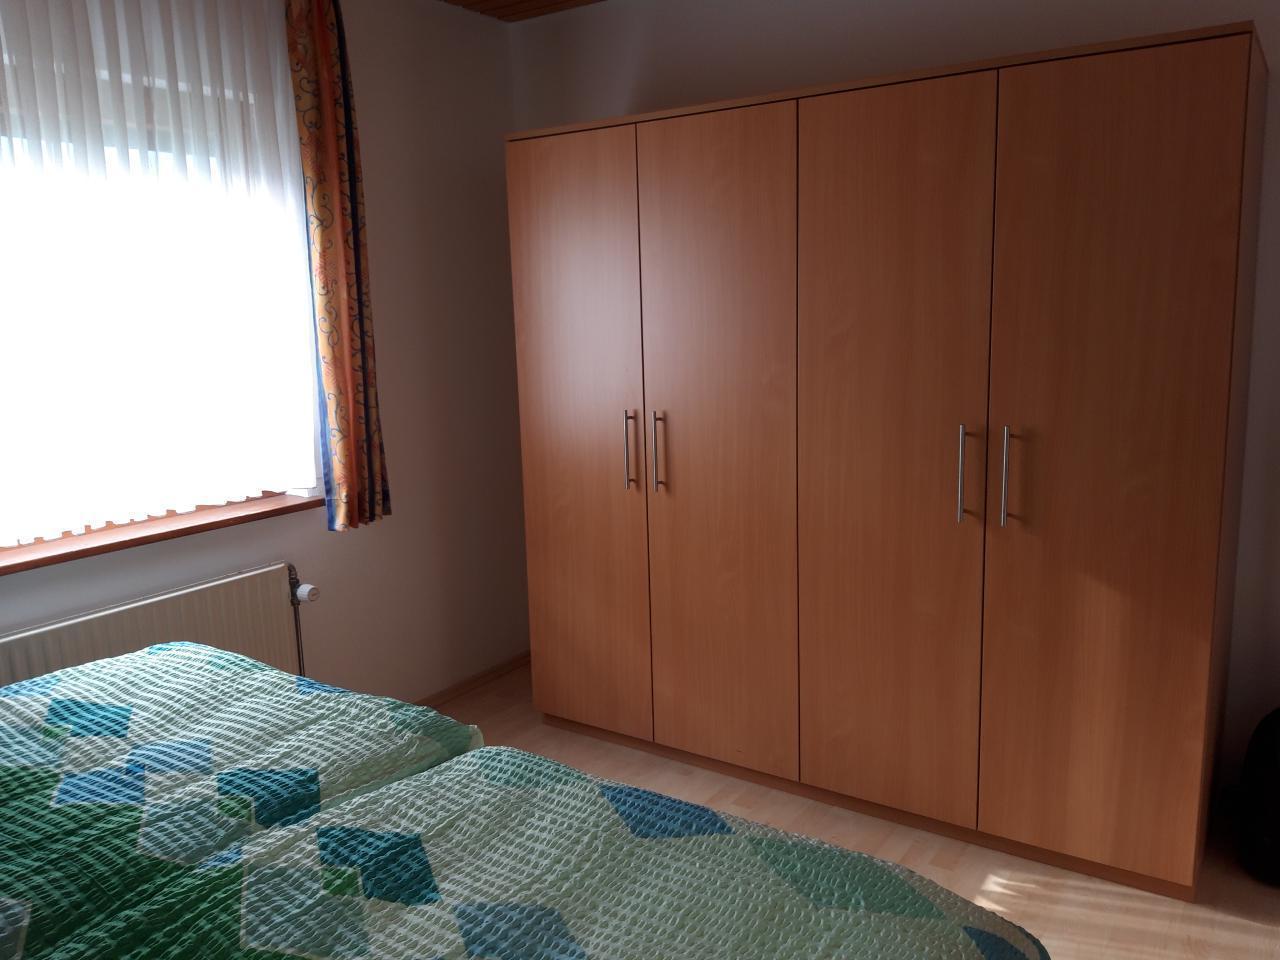 Ferienhaus / Bungalow 15 neu renoviert für 4-6 Personen in der Rhön Residence Bungalows (757460), Dipperz, Rhön (Hessen), Hessen, Deutschland, Bild 13